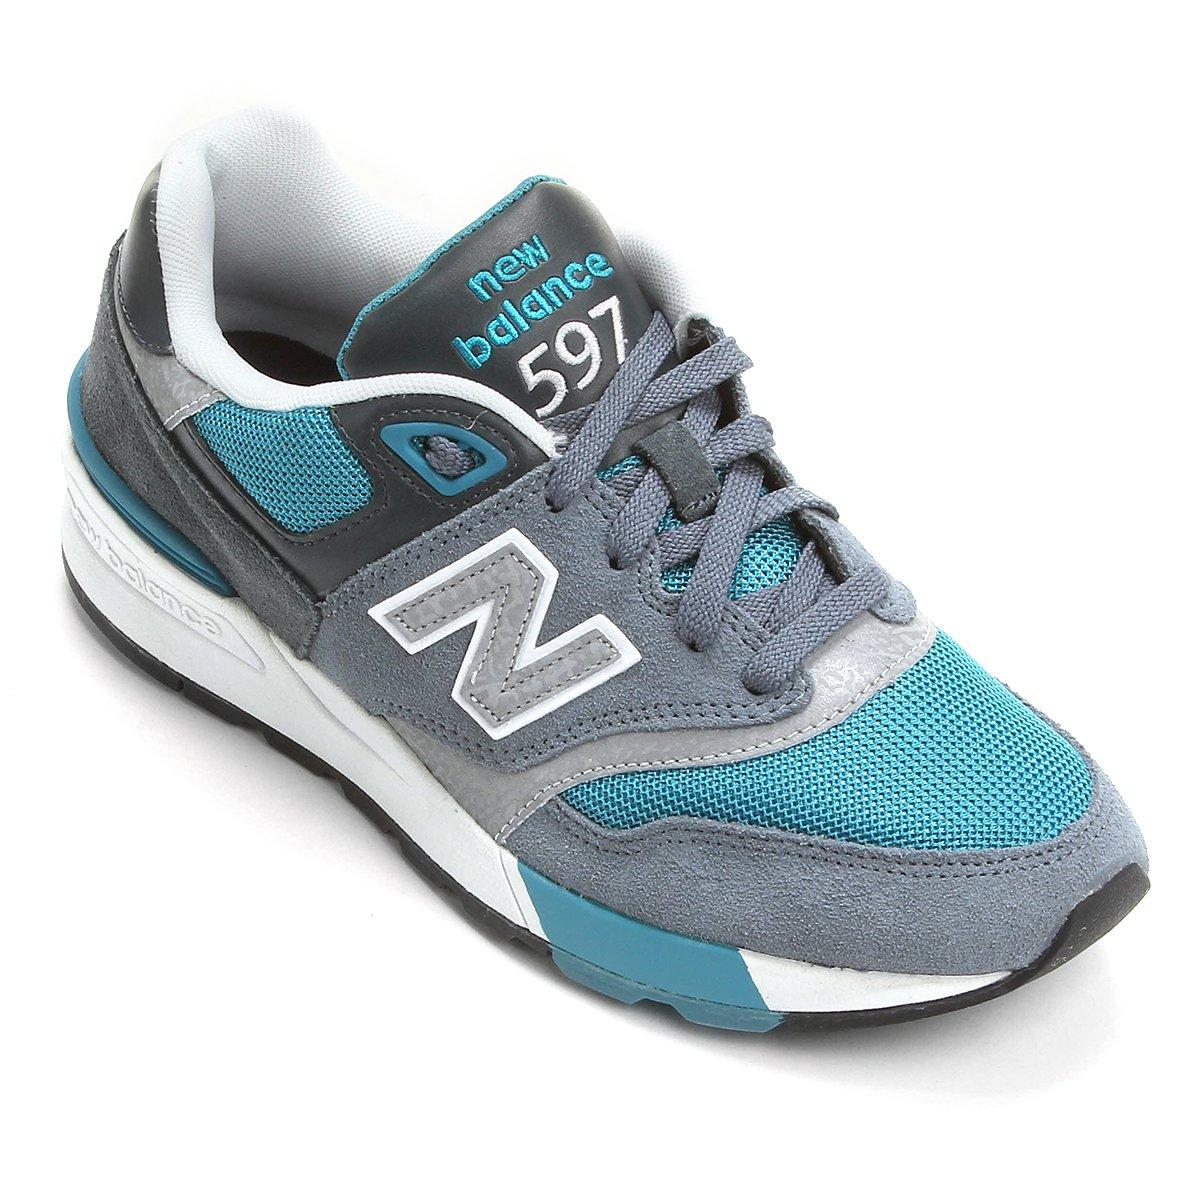 8e4b4d7360 Tênis New Balance 597 - Compre Agora